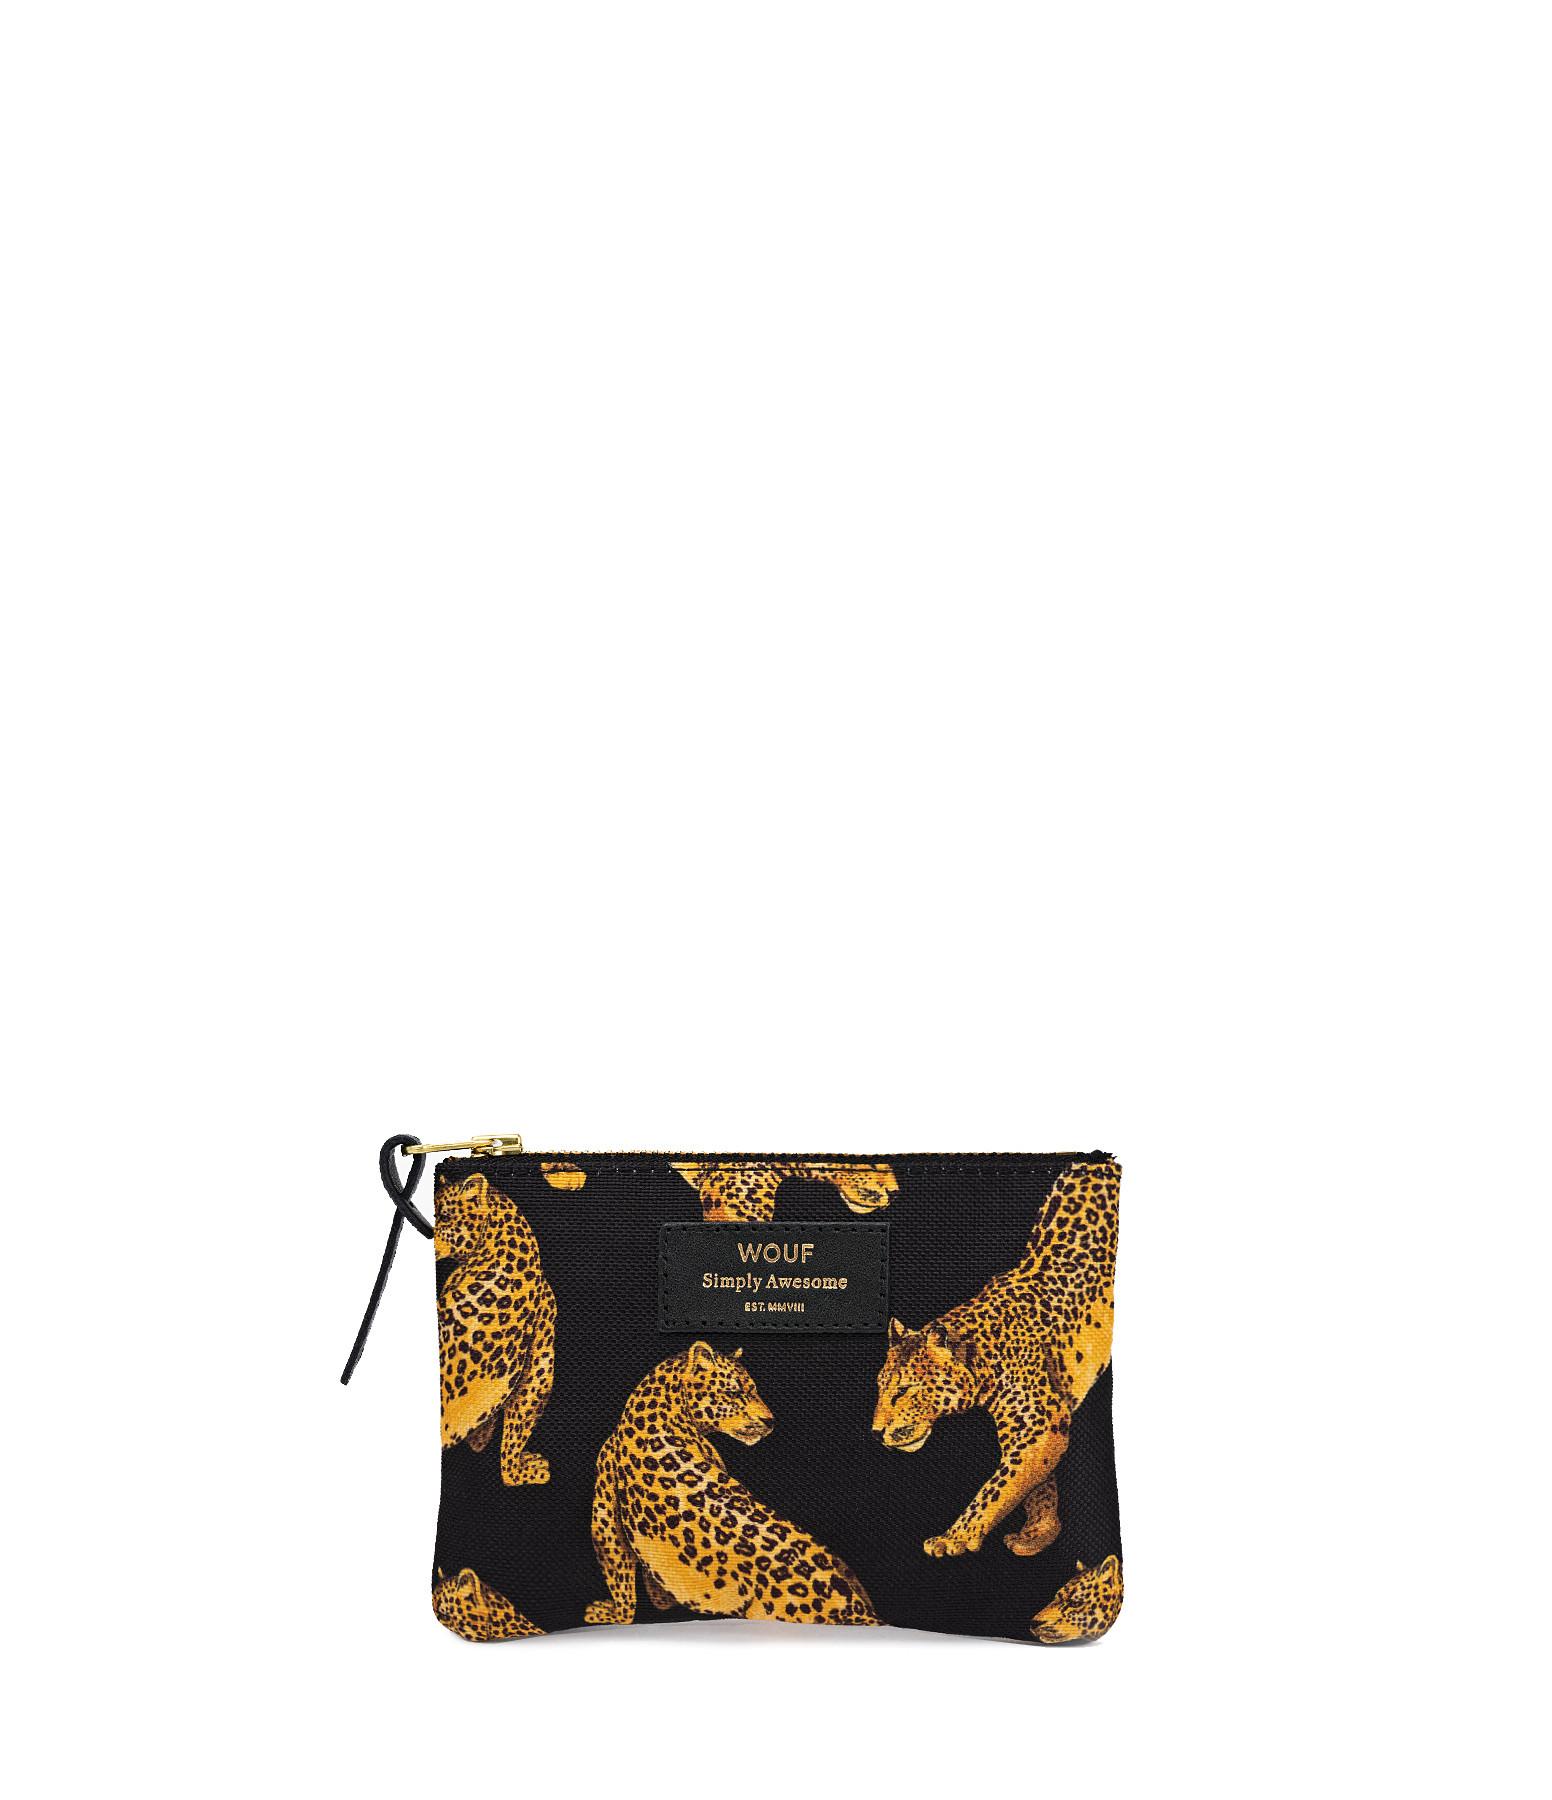 WOUF - Trousse S Black Leopard